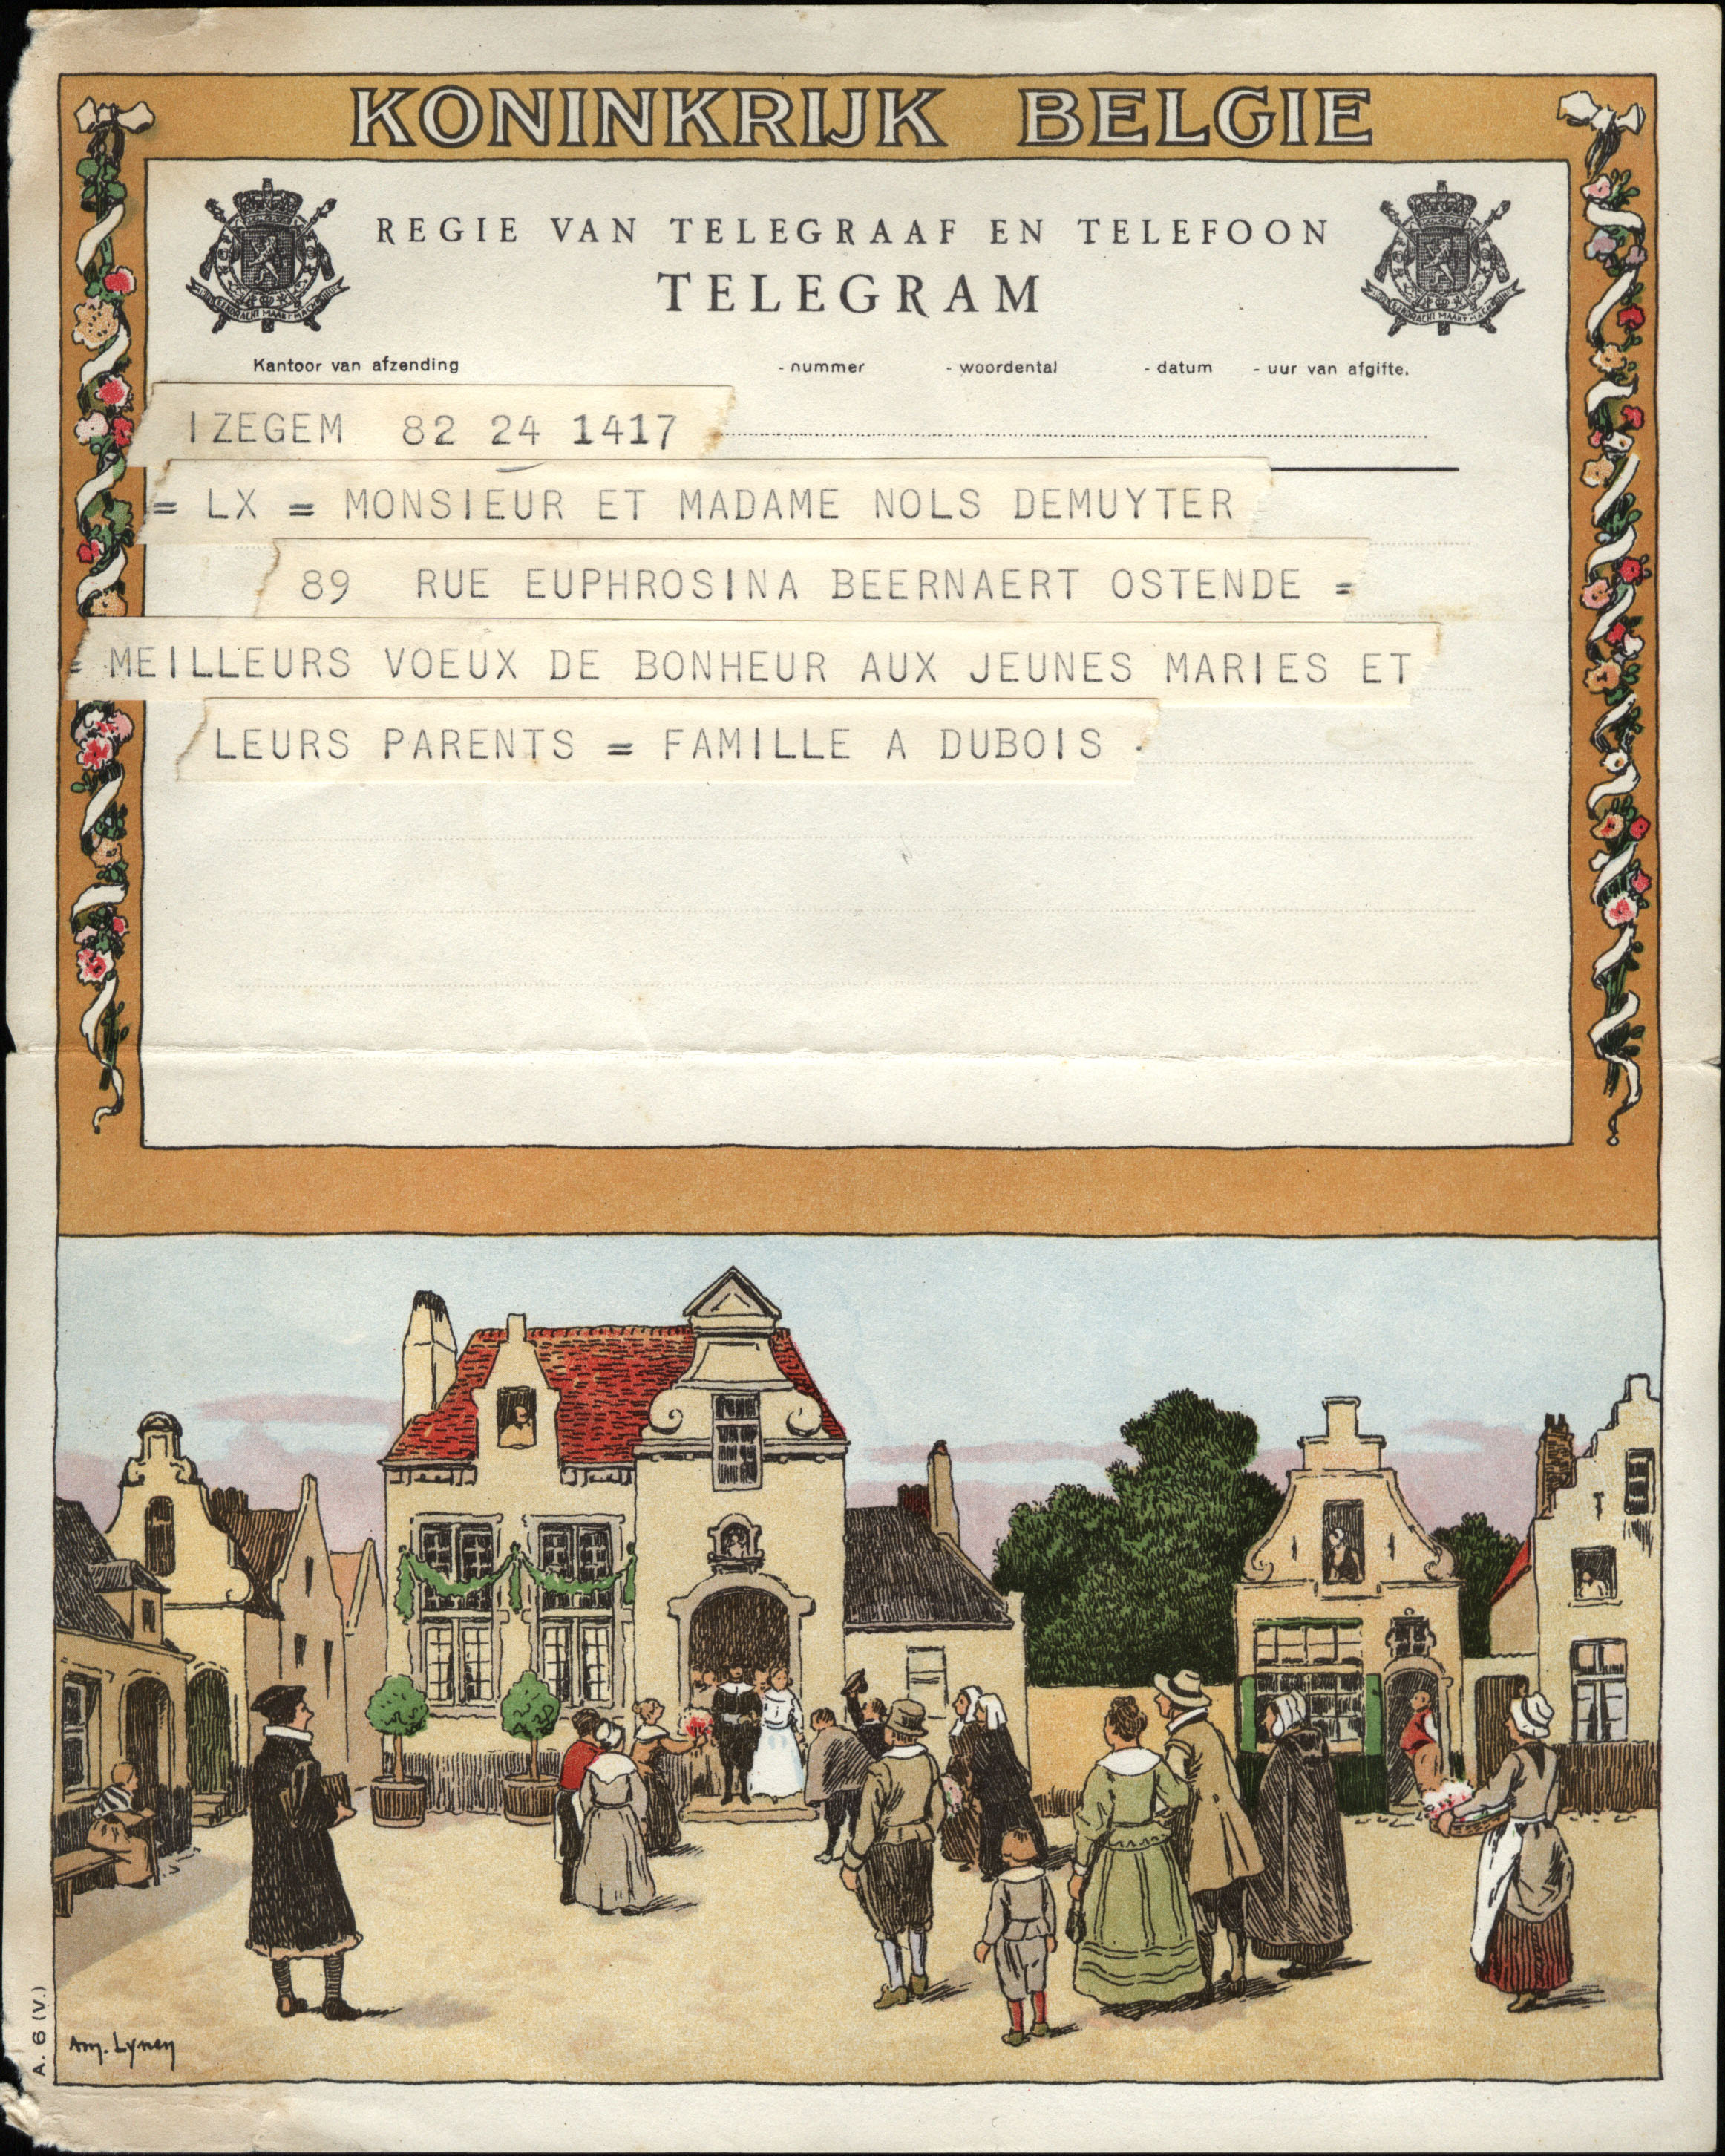 JK8 бельгия 55 телеграф бумага 55 телеграф бумага ( инжир : городок между свадьба поле поверхность )( задний покрытый печать )